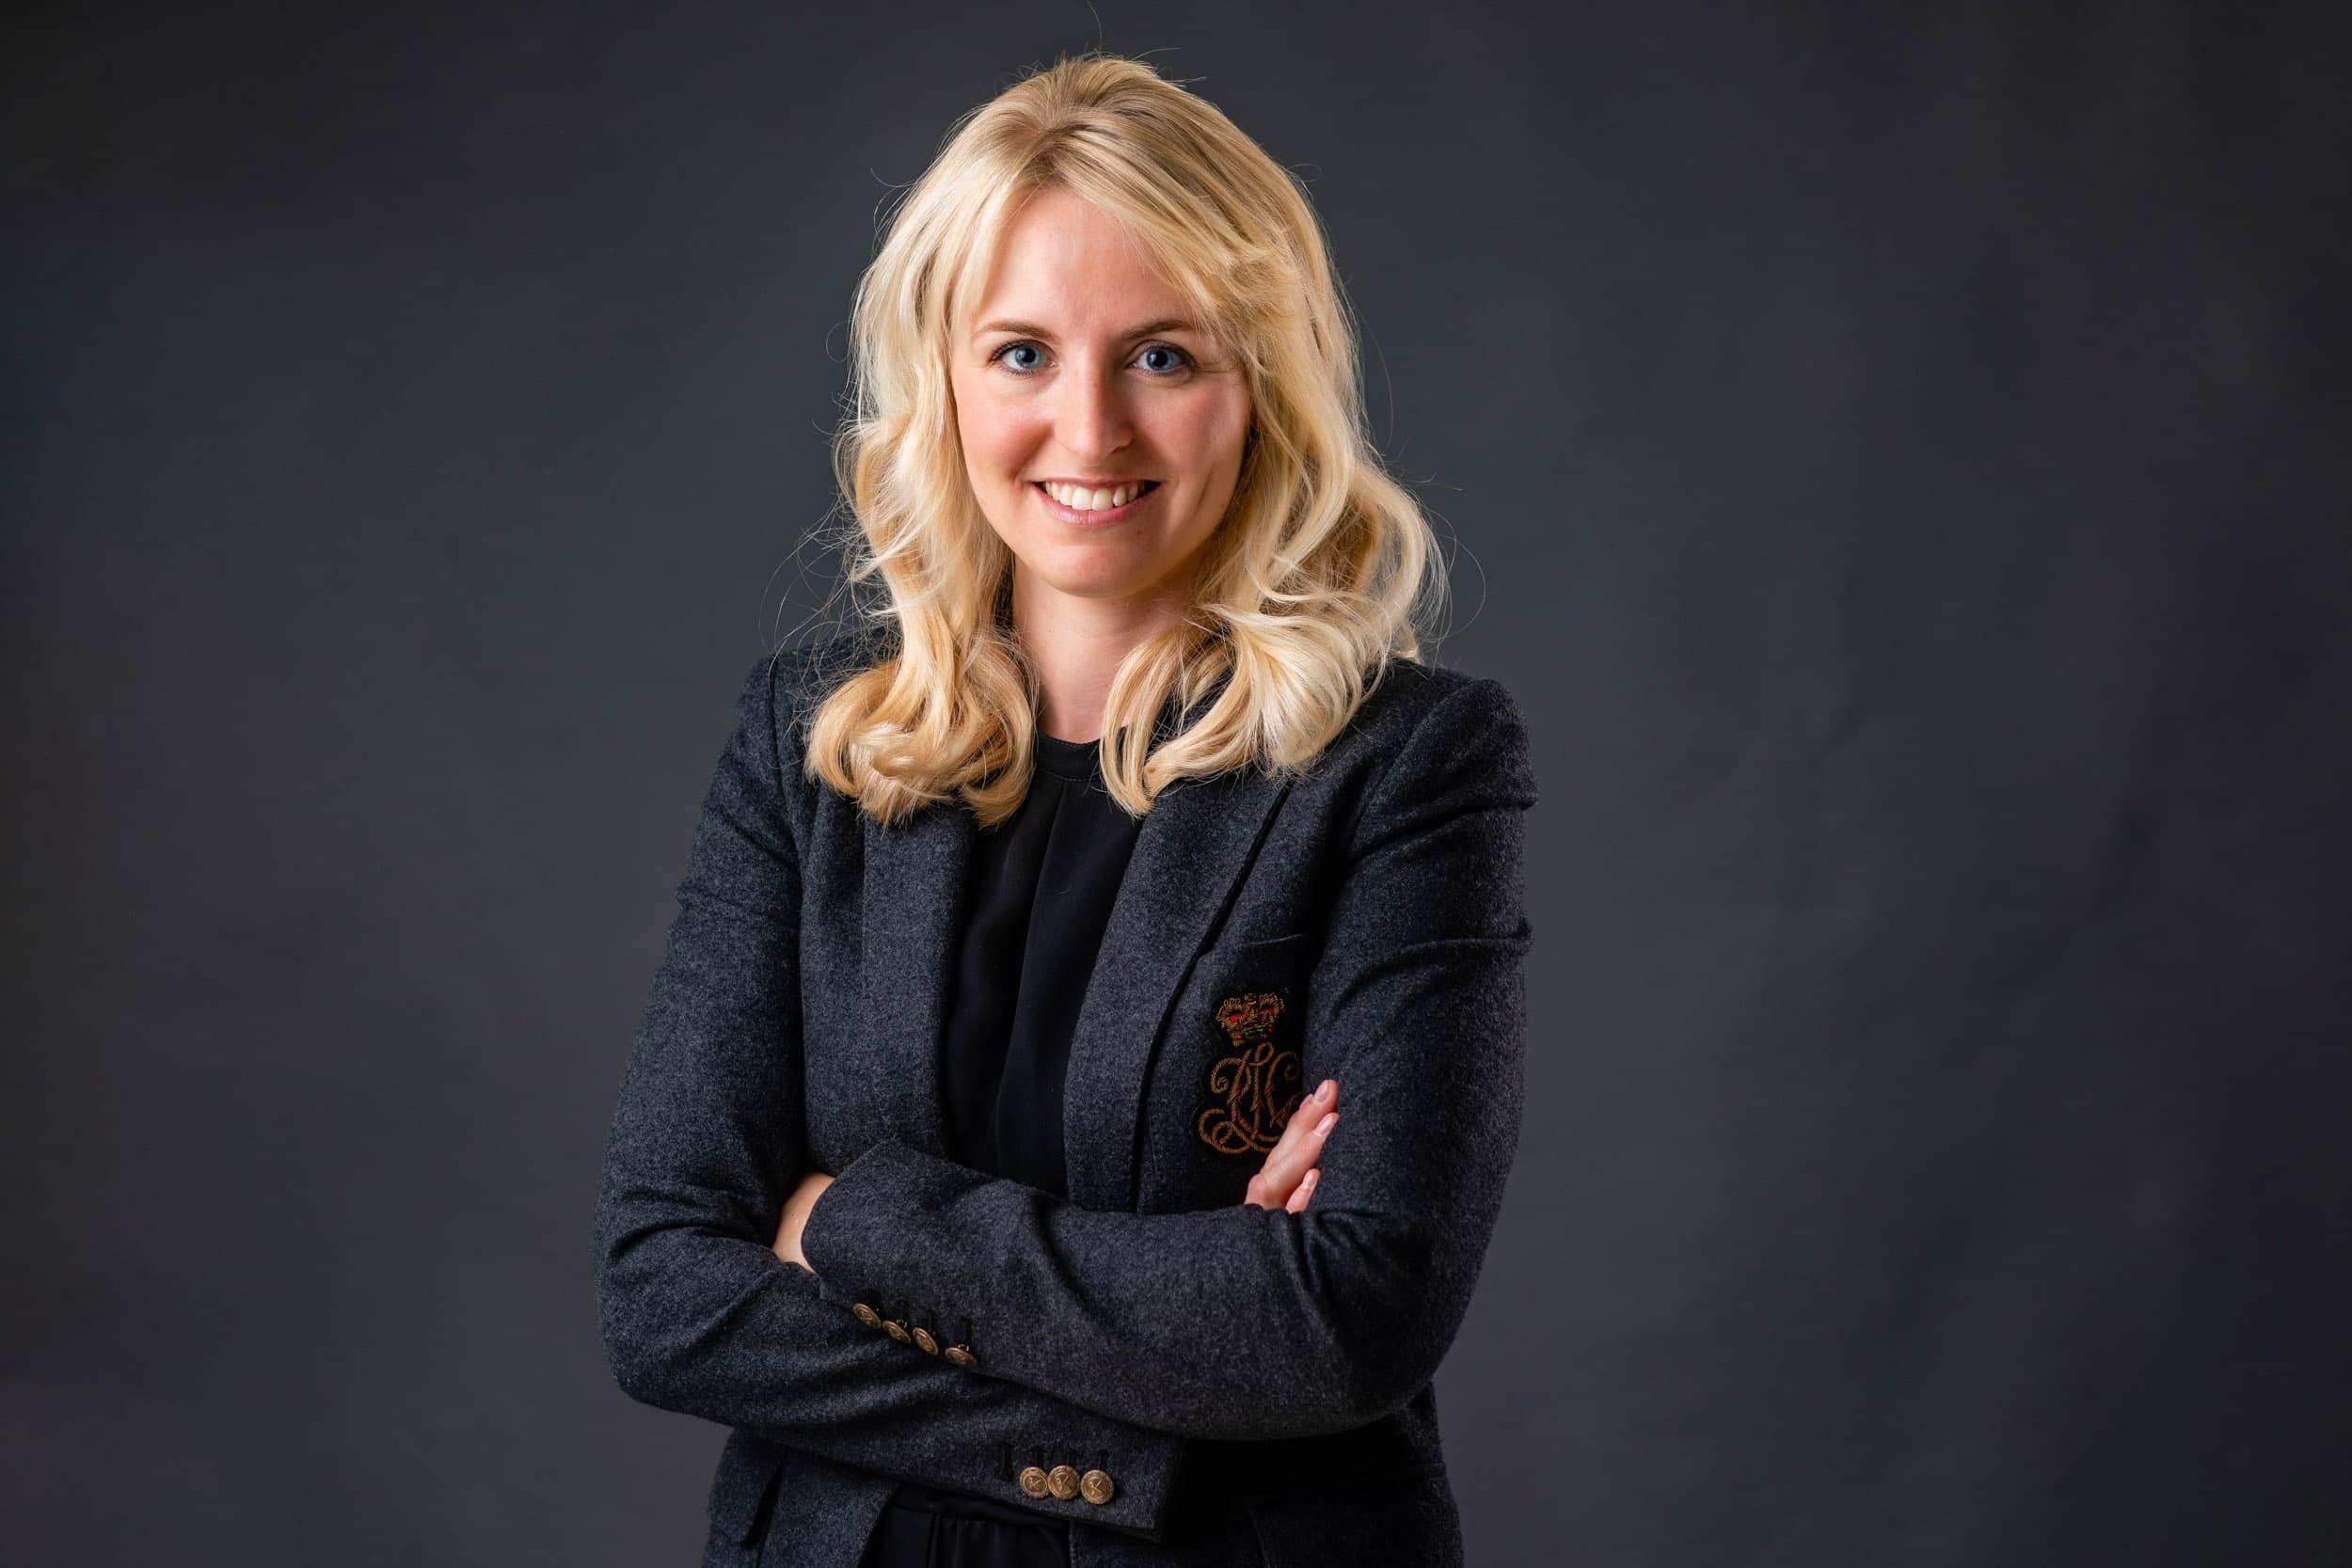 Business kvinde portræt